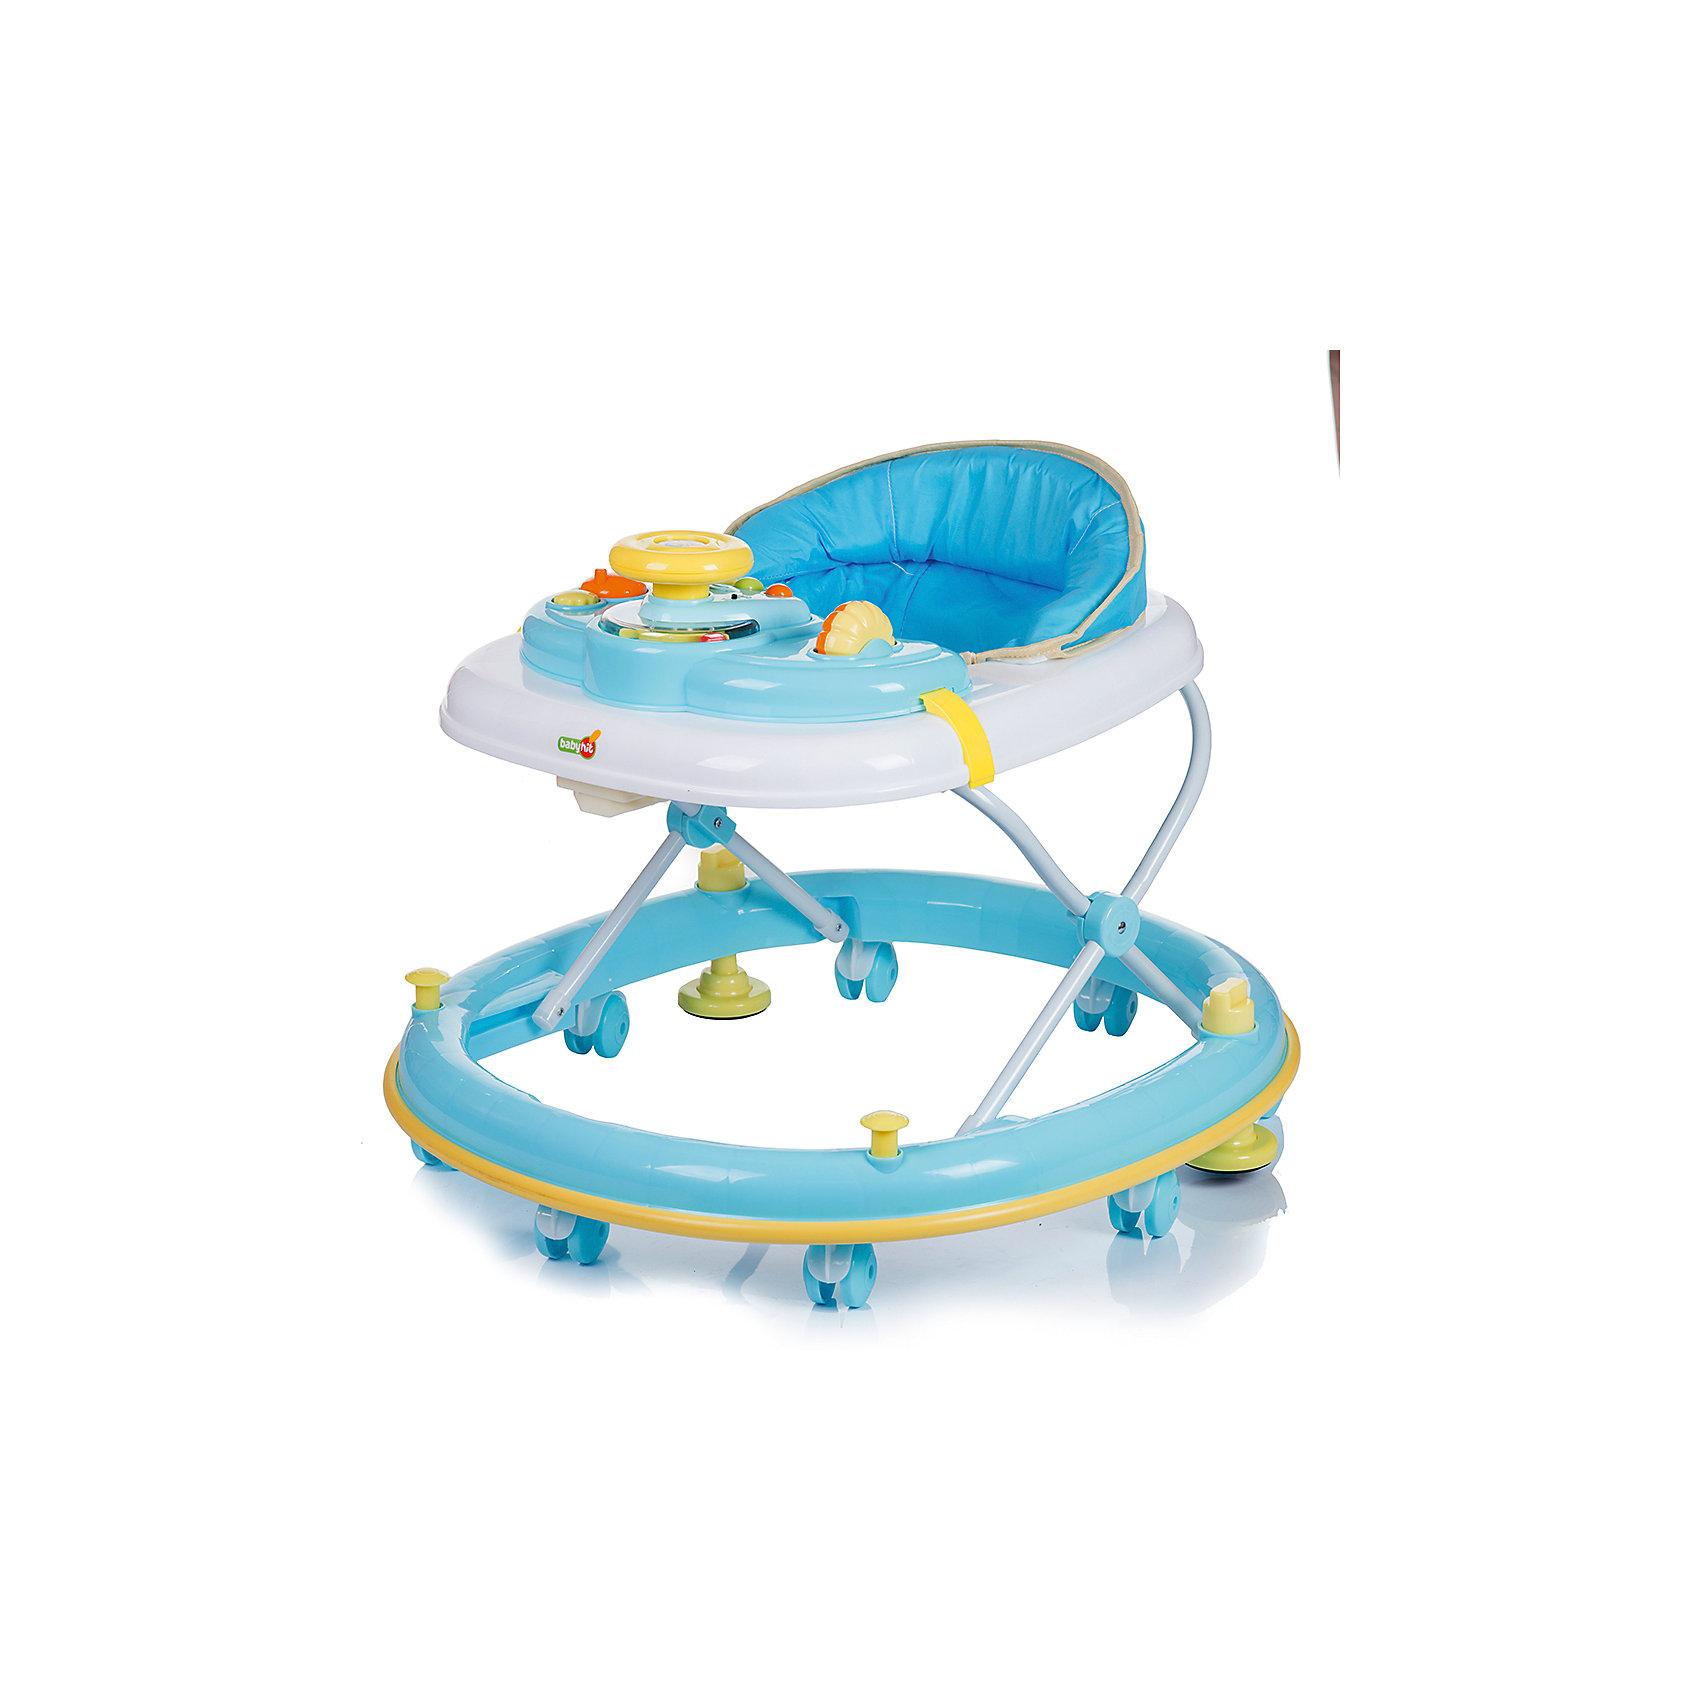 Ходунки CLEVER, Babyhit, голубойХодунки Babyhit Clever<br>Для детей от 7 до 18 месяцев<br>Закругленная база с мягкой окантовкой (защита от появления царапин на мебели и стенах)<br>Регулировка в 3-х уровнях по высоте<br>Игровая панель с звуковыми и световыми эффектами<br>Восемь сдвоенных колес с стопорами<br><br>Ширина мм: 715<br>Глубина мм: 110<br>Высота мм: 665<br>Вес г: 4800<br>Возраст от месяцев: 6<br>Возраст до месяцев: 18<br>Пол: Унисекс<br>Возраст: Детский<br>SKU: 5500343